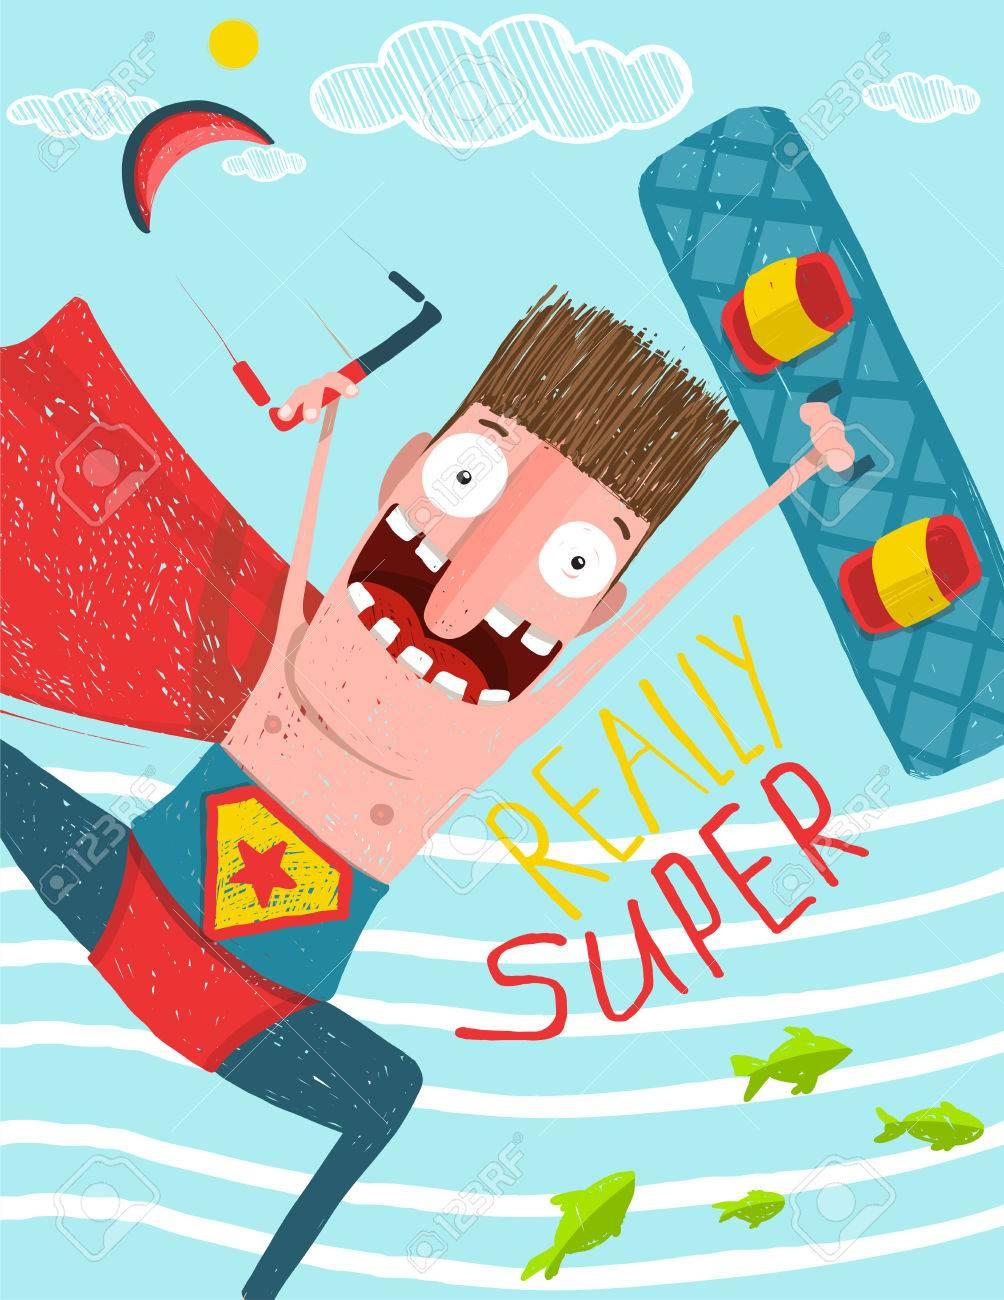 Carte Anniversaire Kitesurf.Kite Surf Caricature Conception De Carte De Bande Dessinee Hero Humour Illustration Drole Kite Et Planche